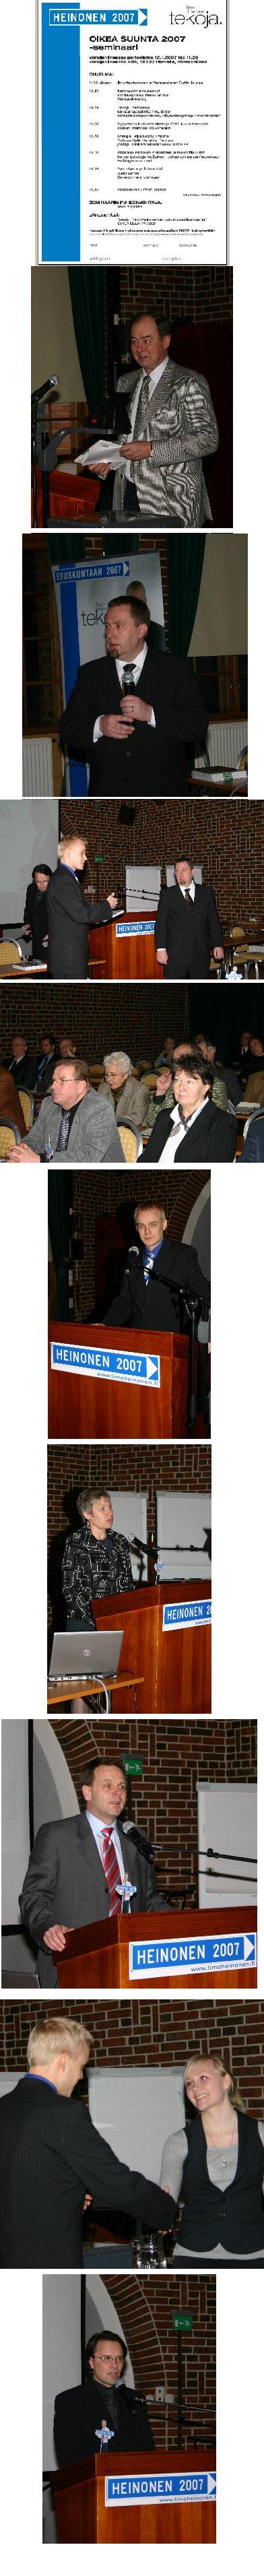 Kuvia Vanajanlinnan Oikea Suunta 2007 -seminaarista.